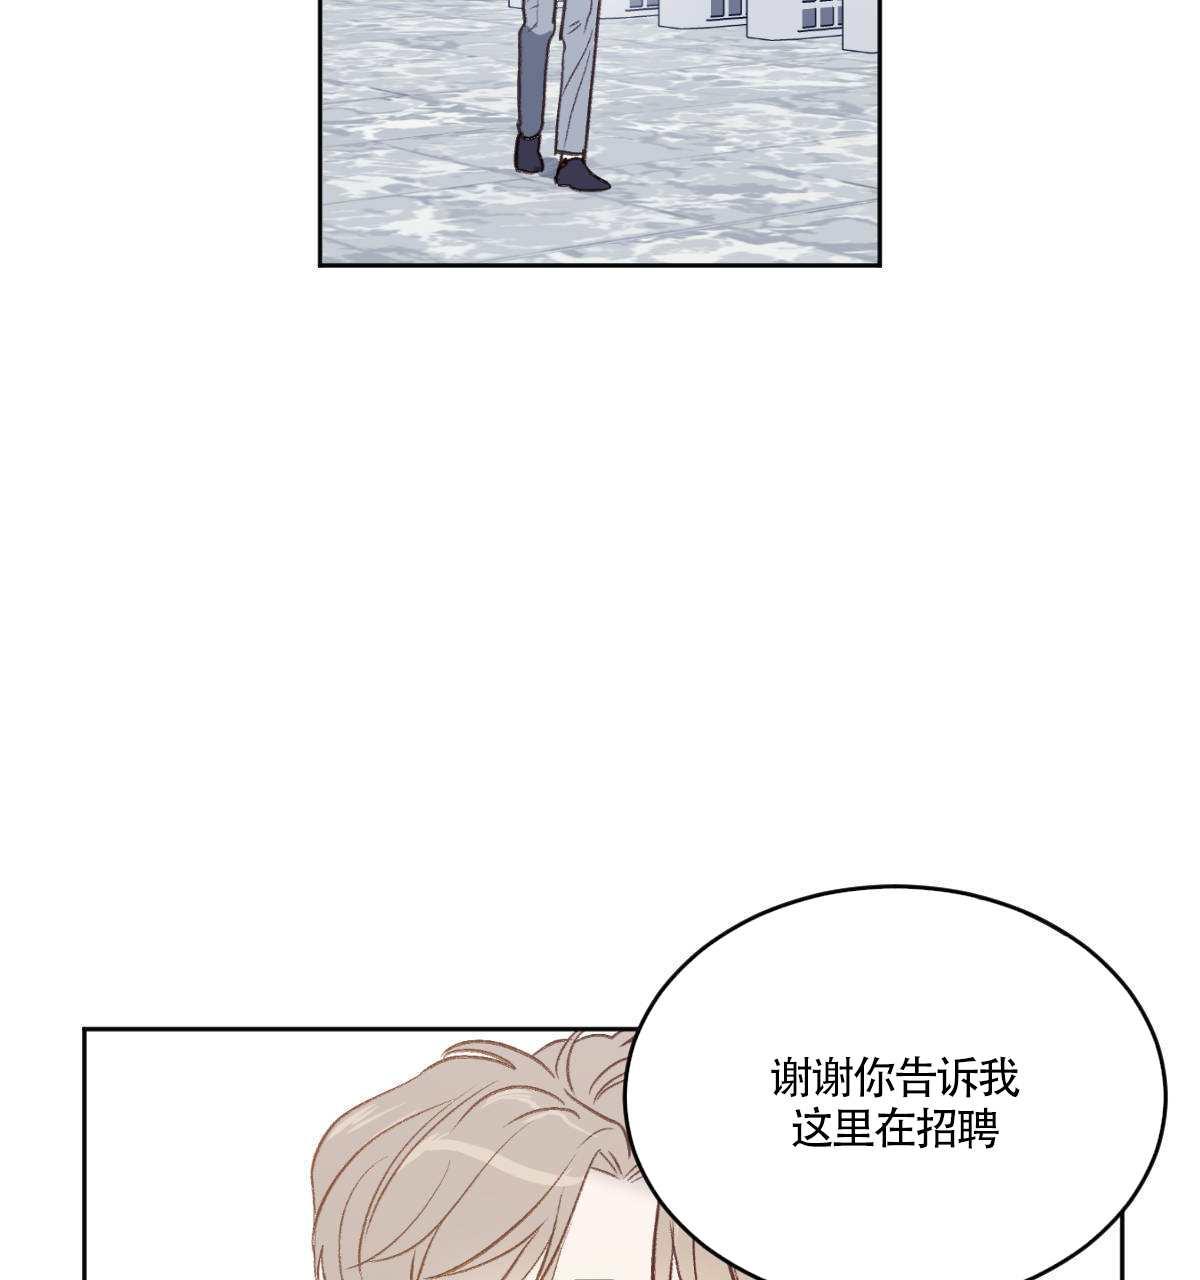 韩漫《新入职员》撩走办公室最可怕的大魔王!  第7张